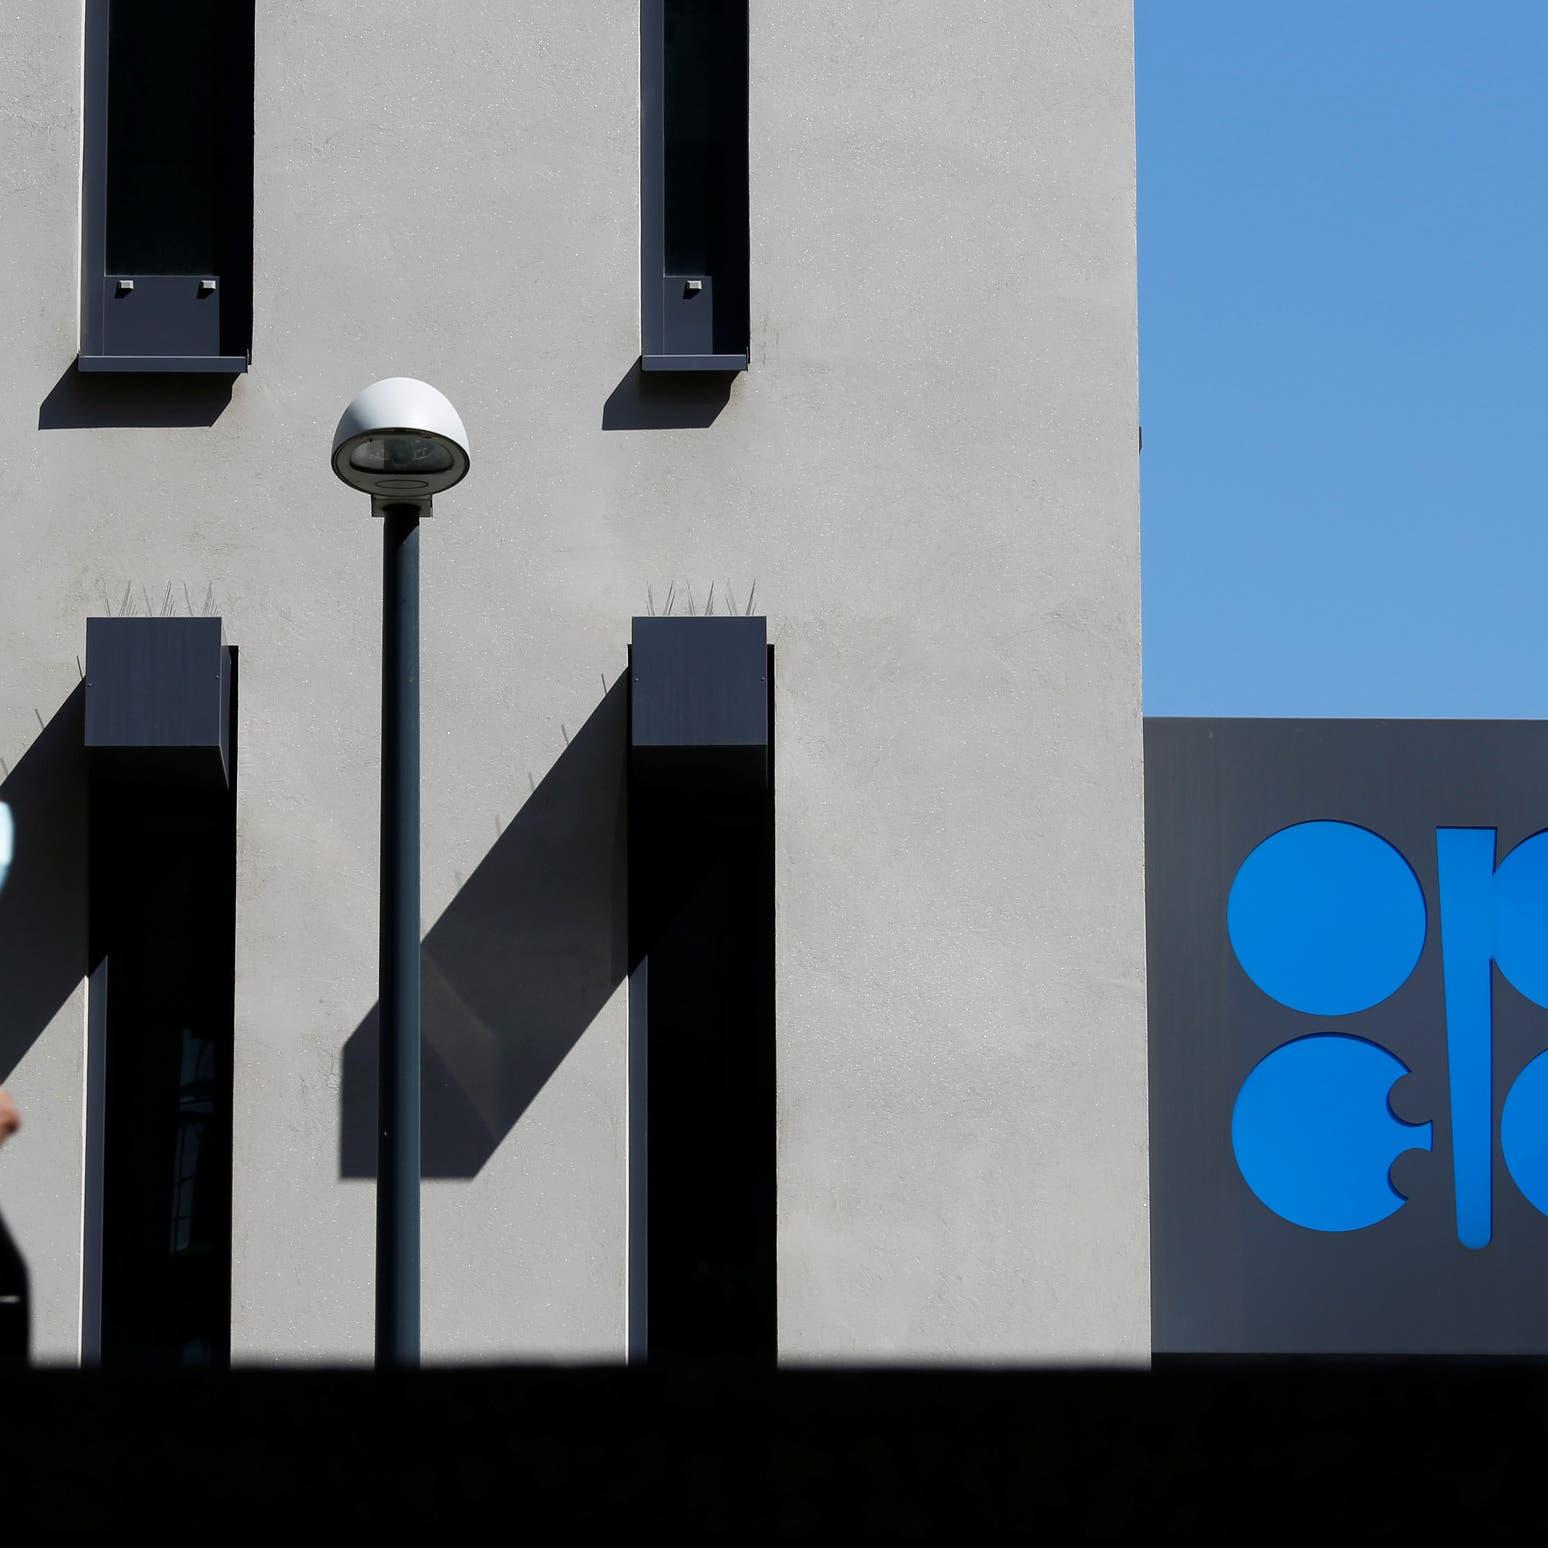 رويترز: 113% نسبة التزام أوبك+ بخفض إنتاج النفط